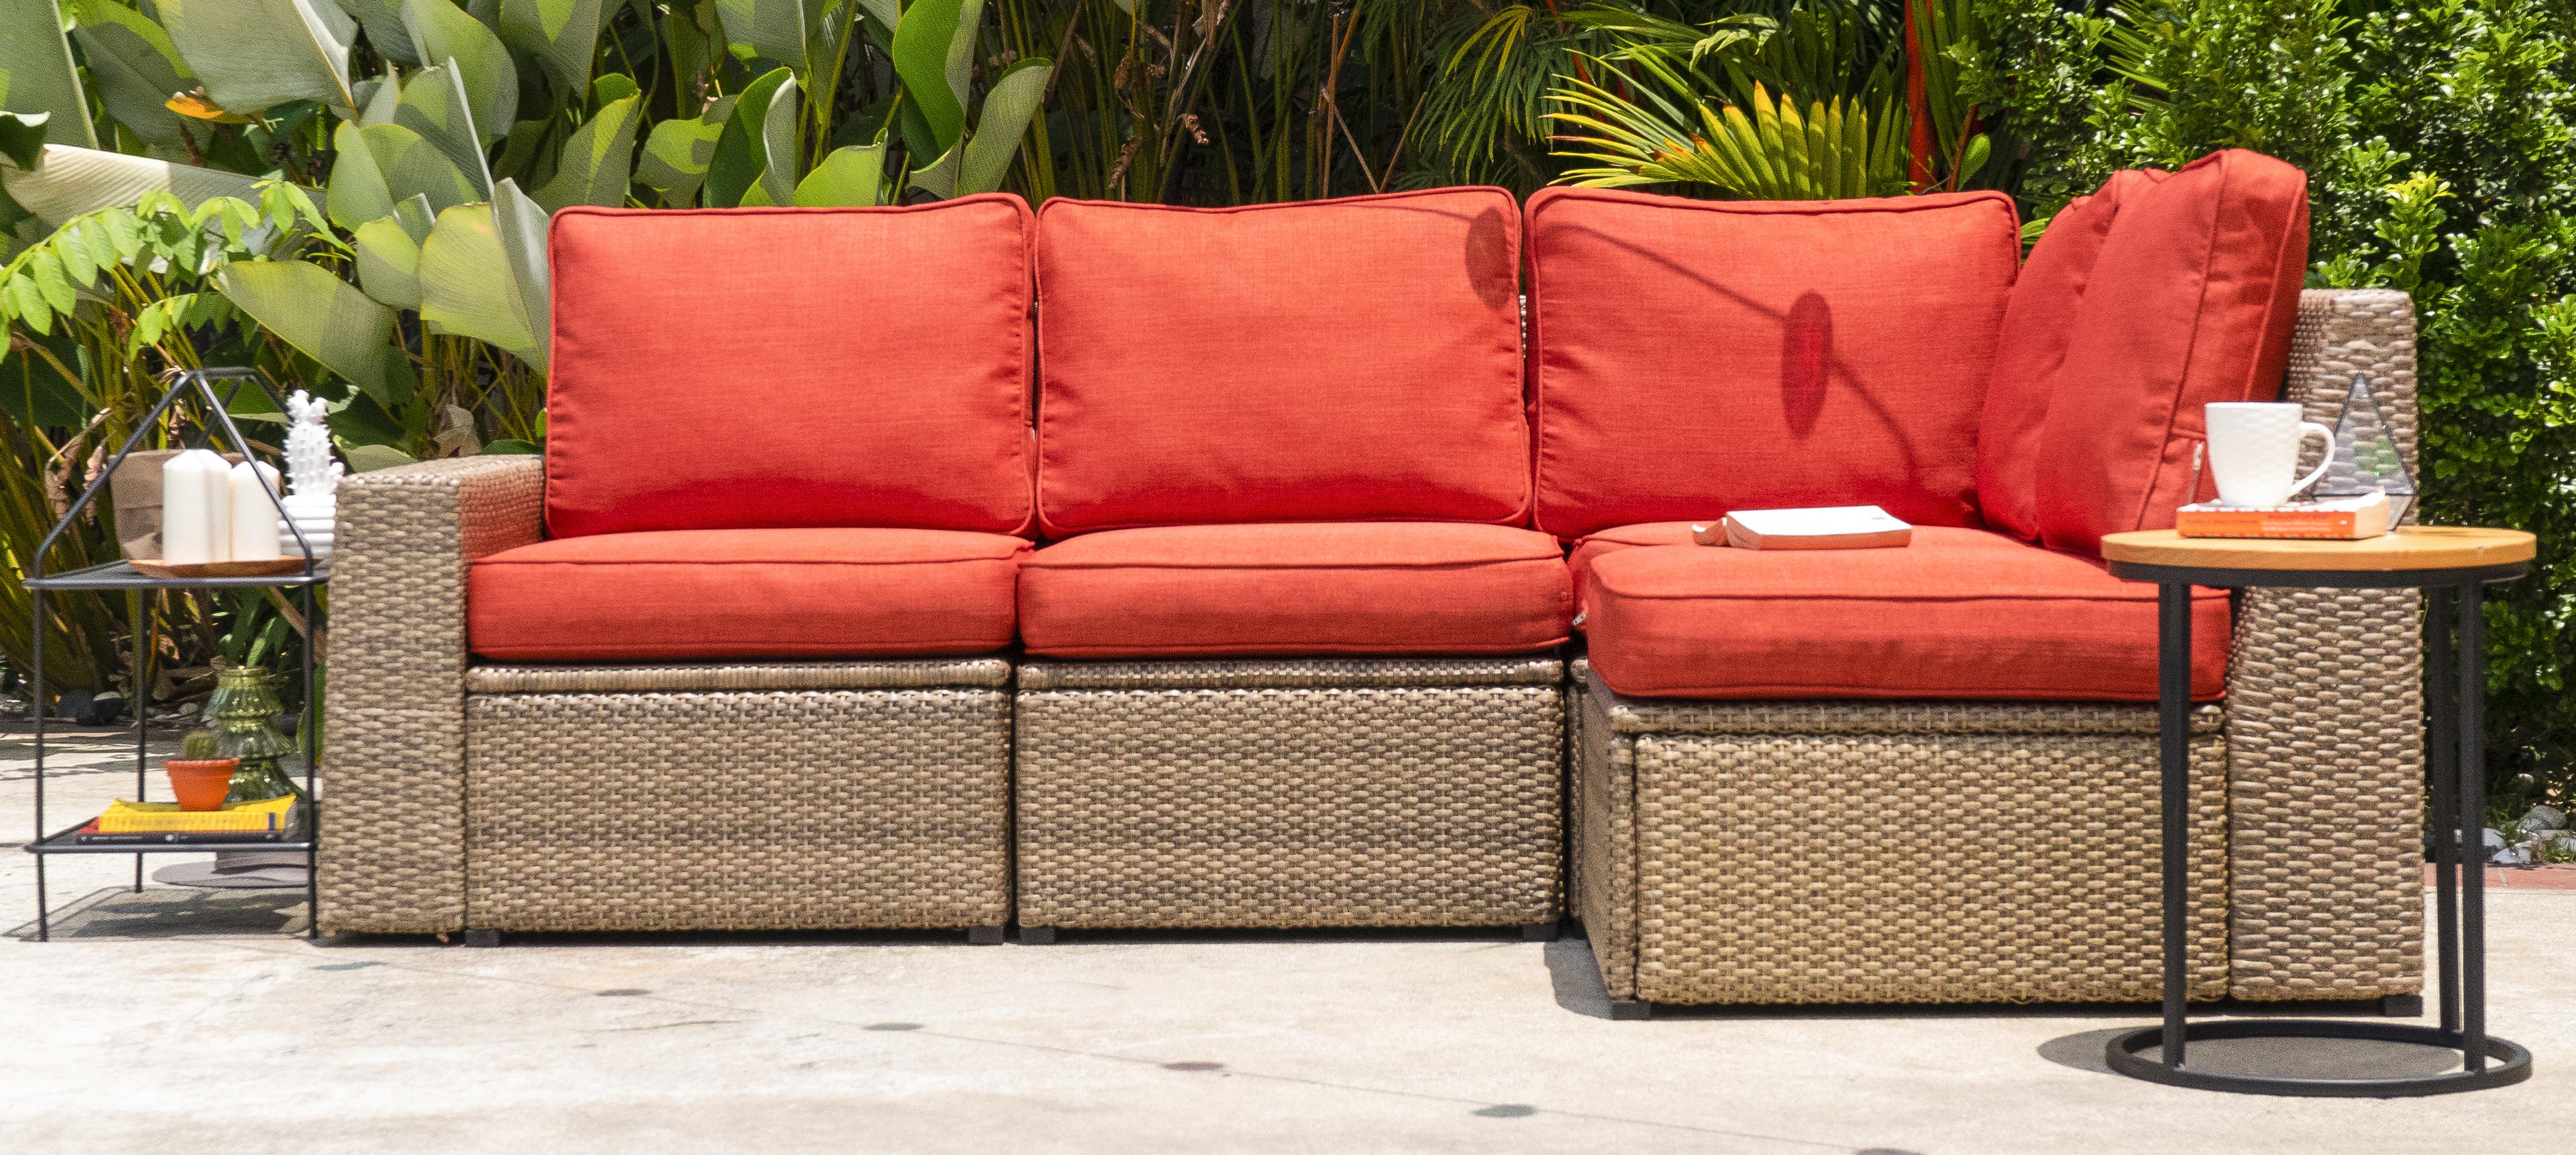 Cuscino Alla Francese Ikea la recensione completa dei divani per esterni ikea - comfort